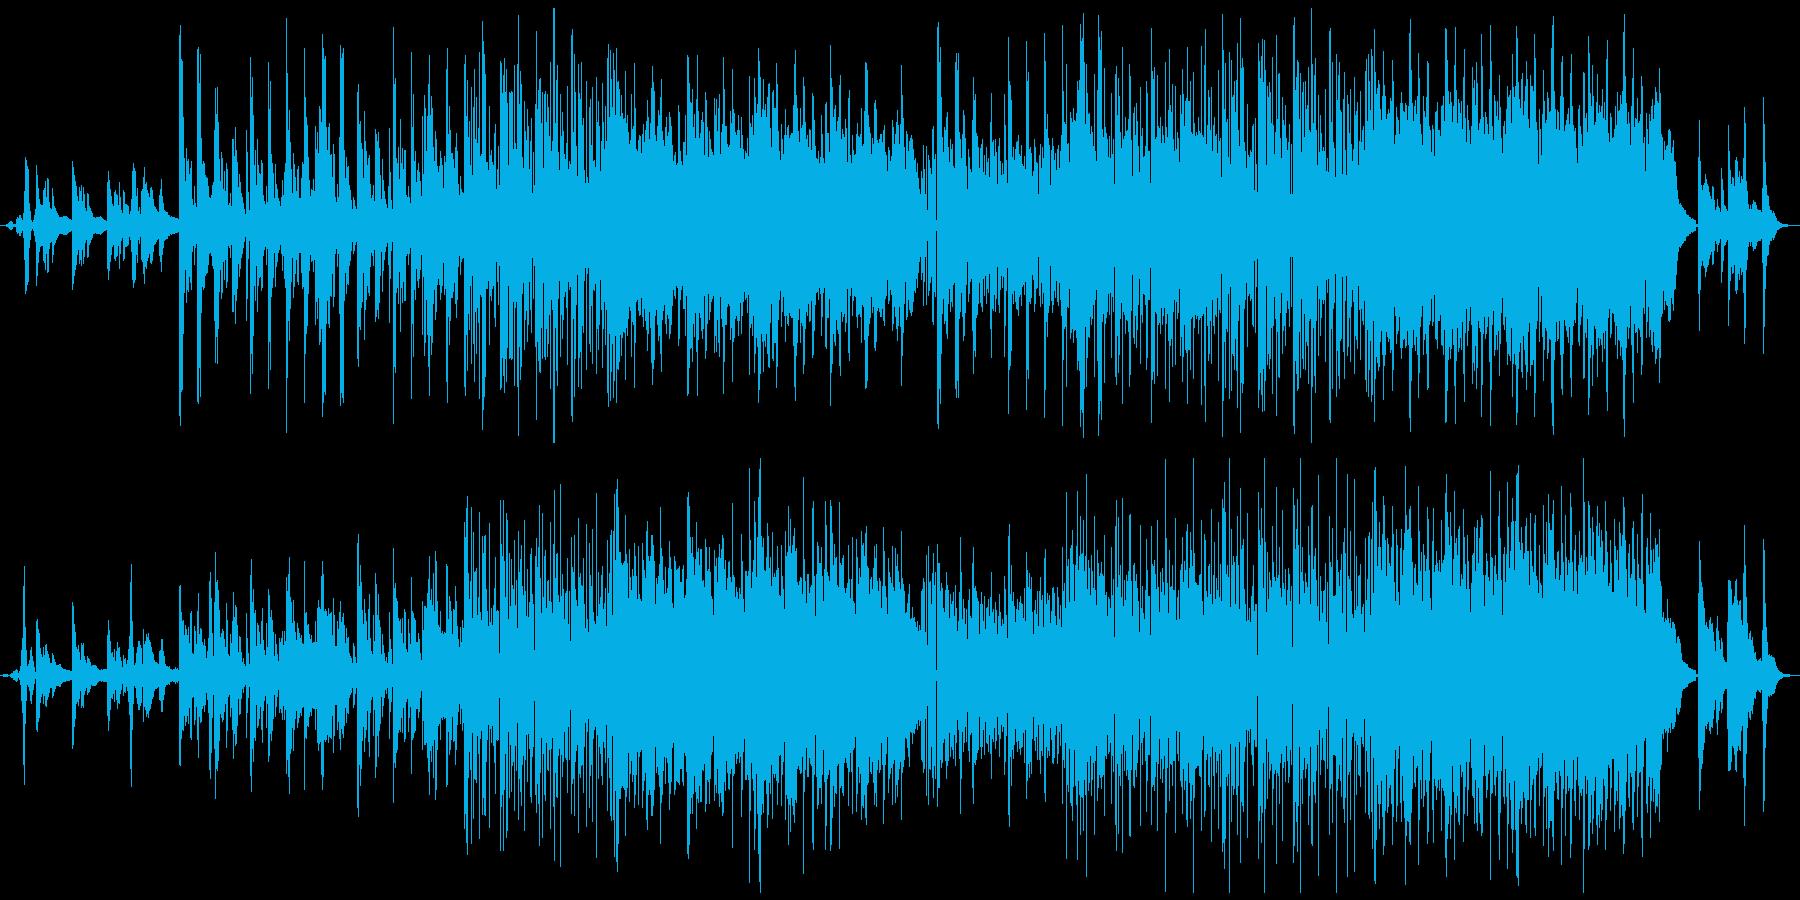 【深海】をイメージしたピアノの旋律の再生済みの波形